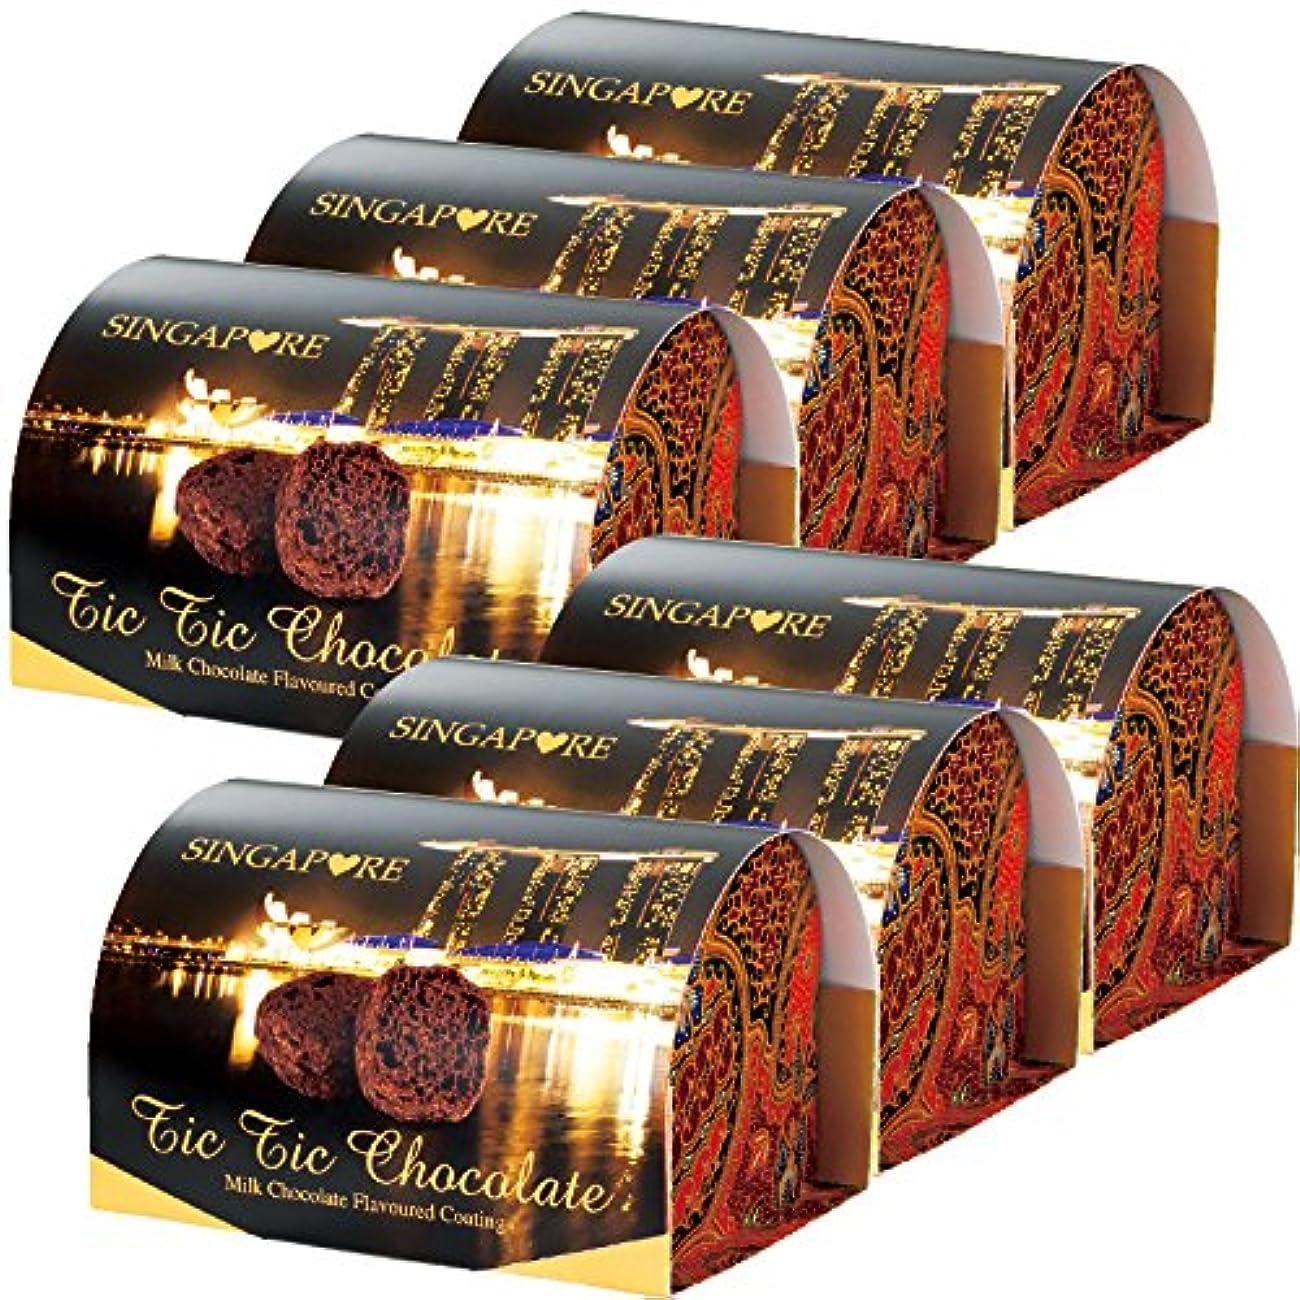 歯食物不正確シンガポール 土産 シンガポール チョコレートパフ 6箱セット (海外旅行 シンガポール お土産)